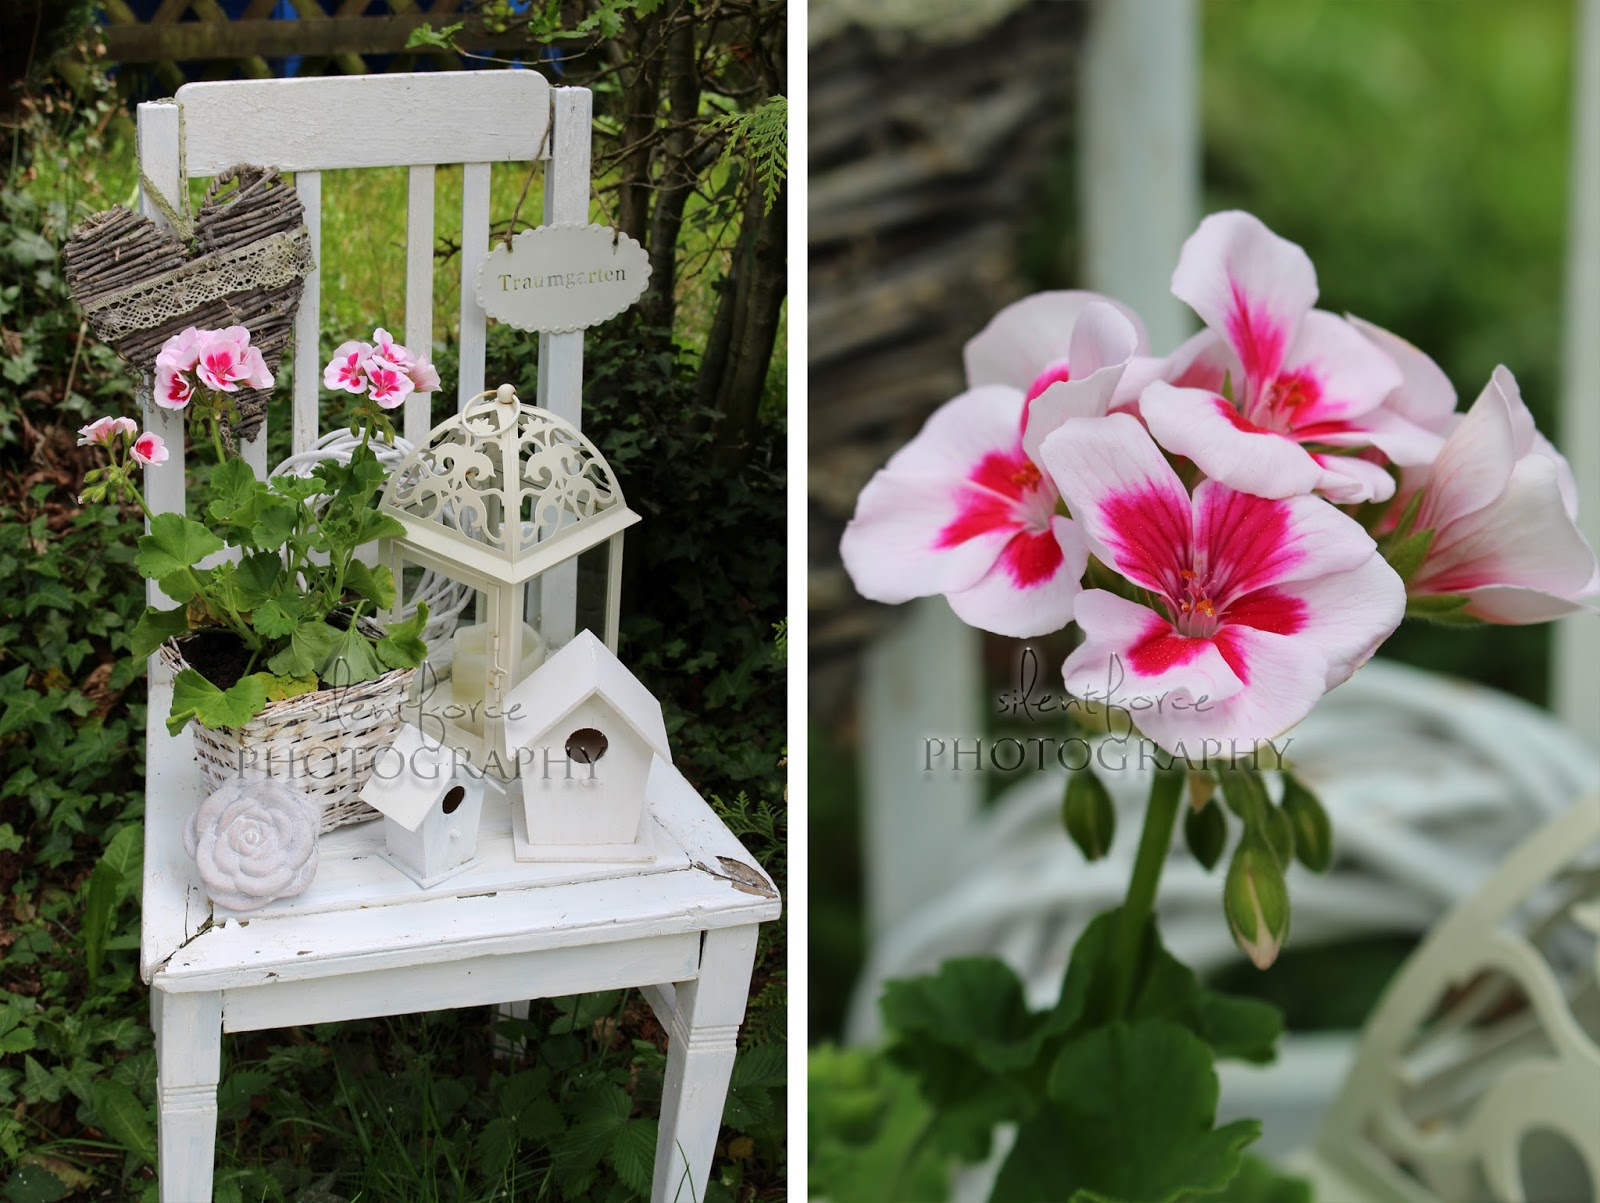 zeit f r sommerblumen silentforce garden. Black Bedroom Furniture Sets. Home Design Ideas